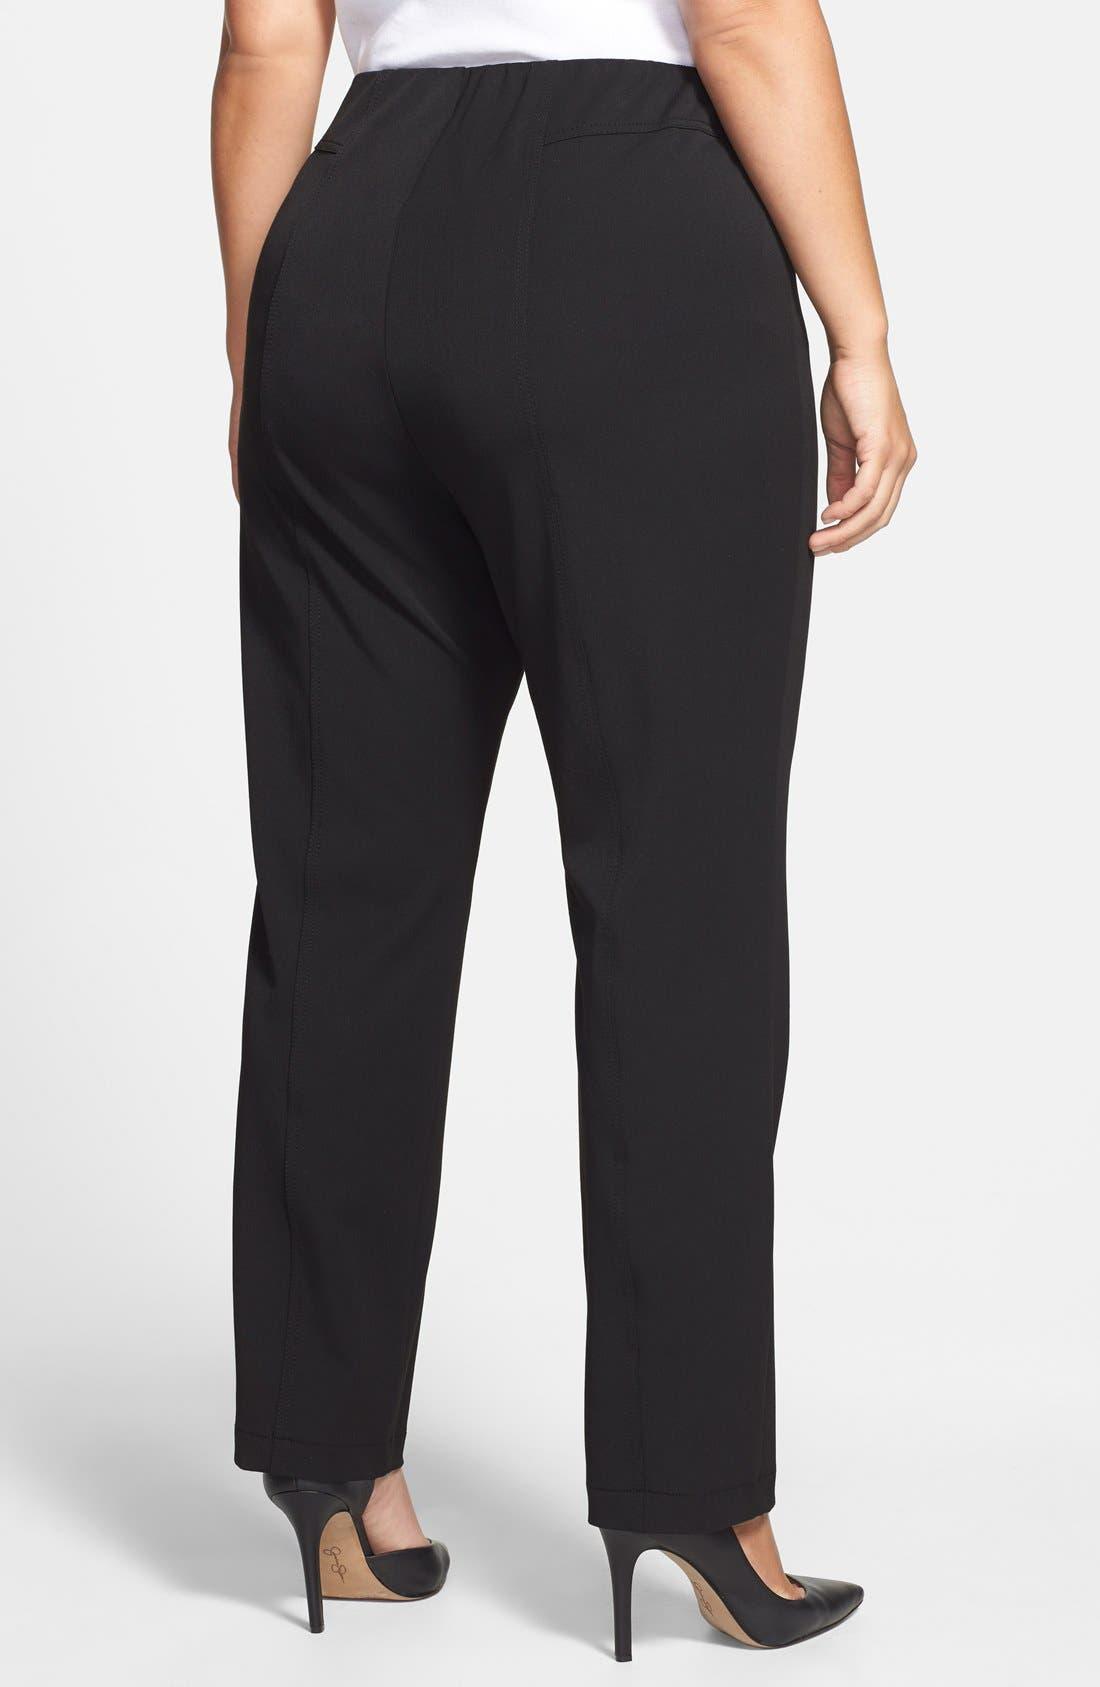 Seam Detail Pants,                             Alternate thumbnail 3, color,                             RICH BLACK